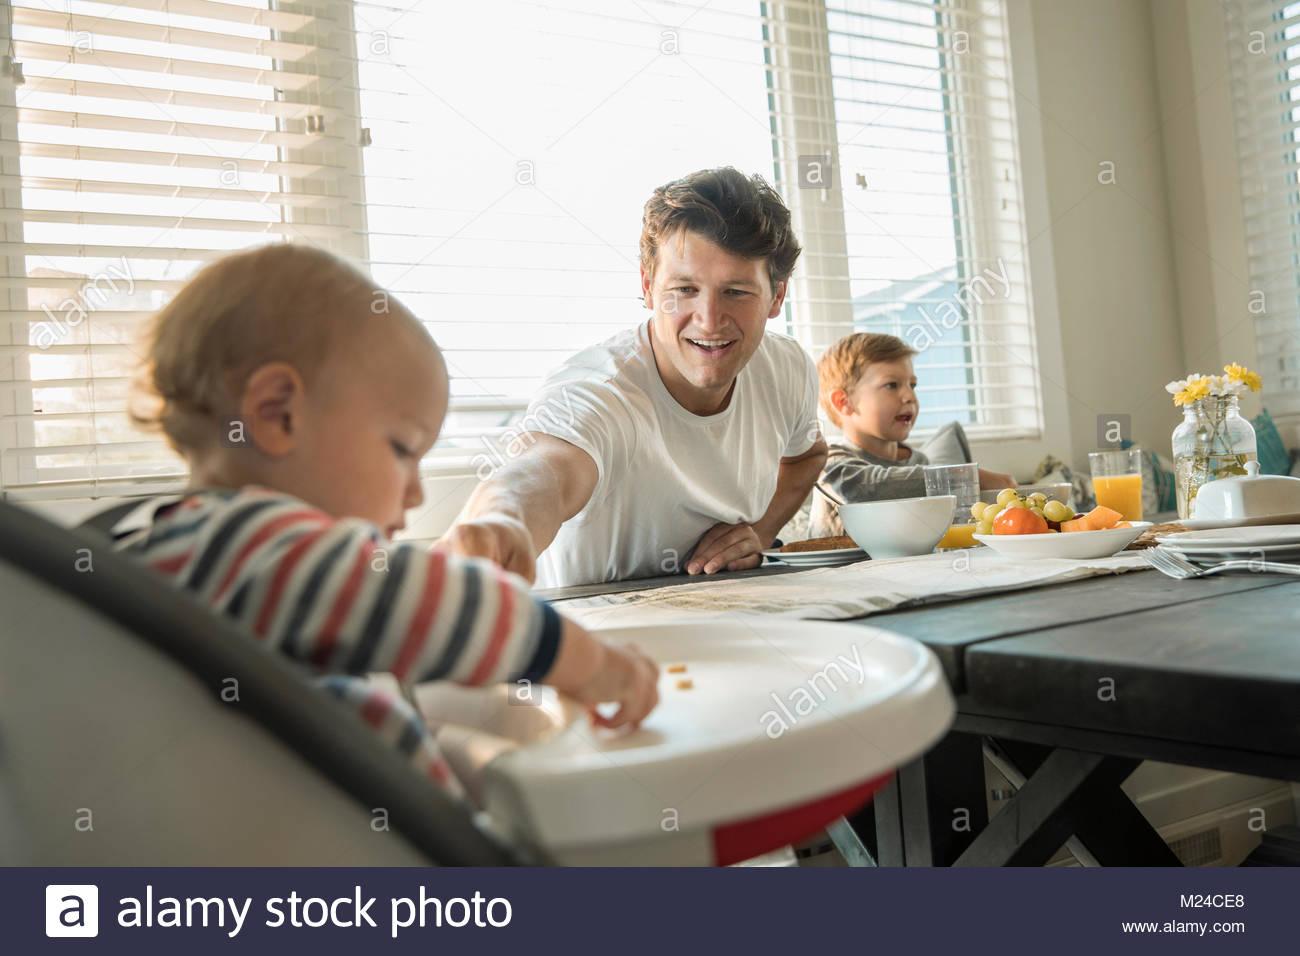 Alimentación padre hijo en silla alta Imagen De Stock